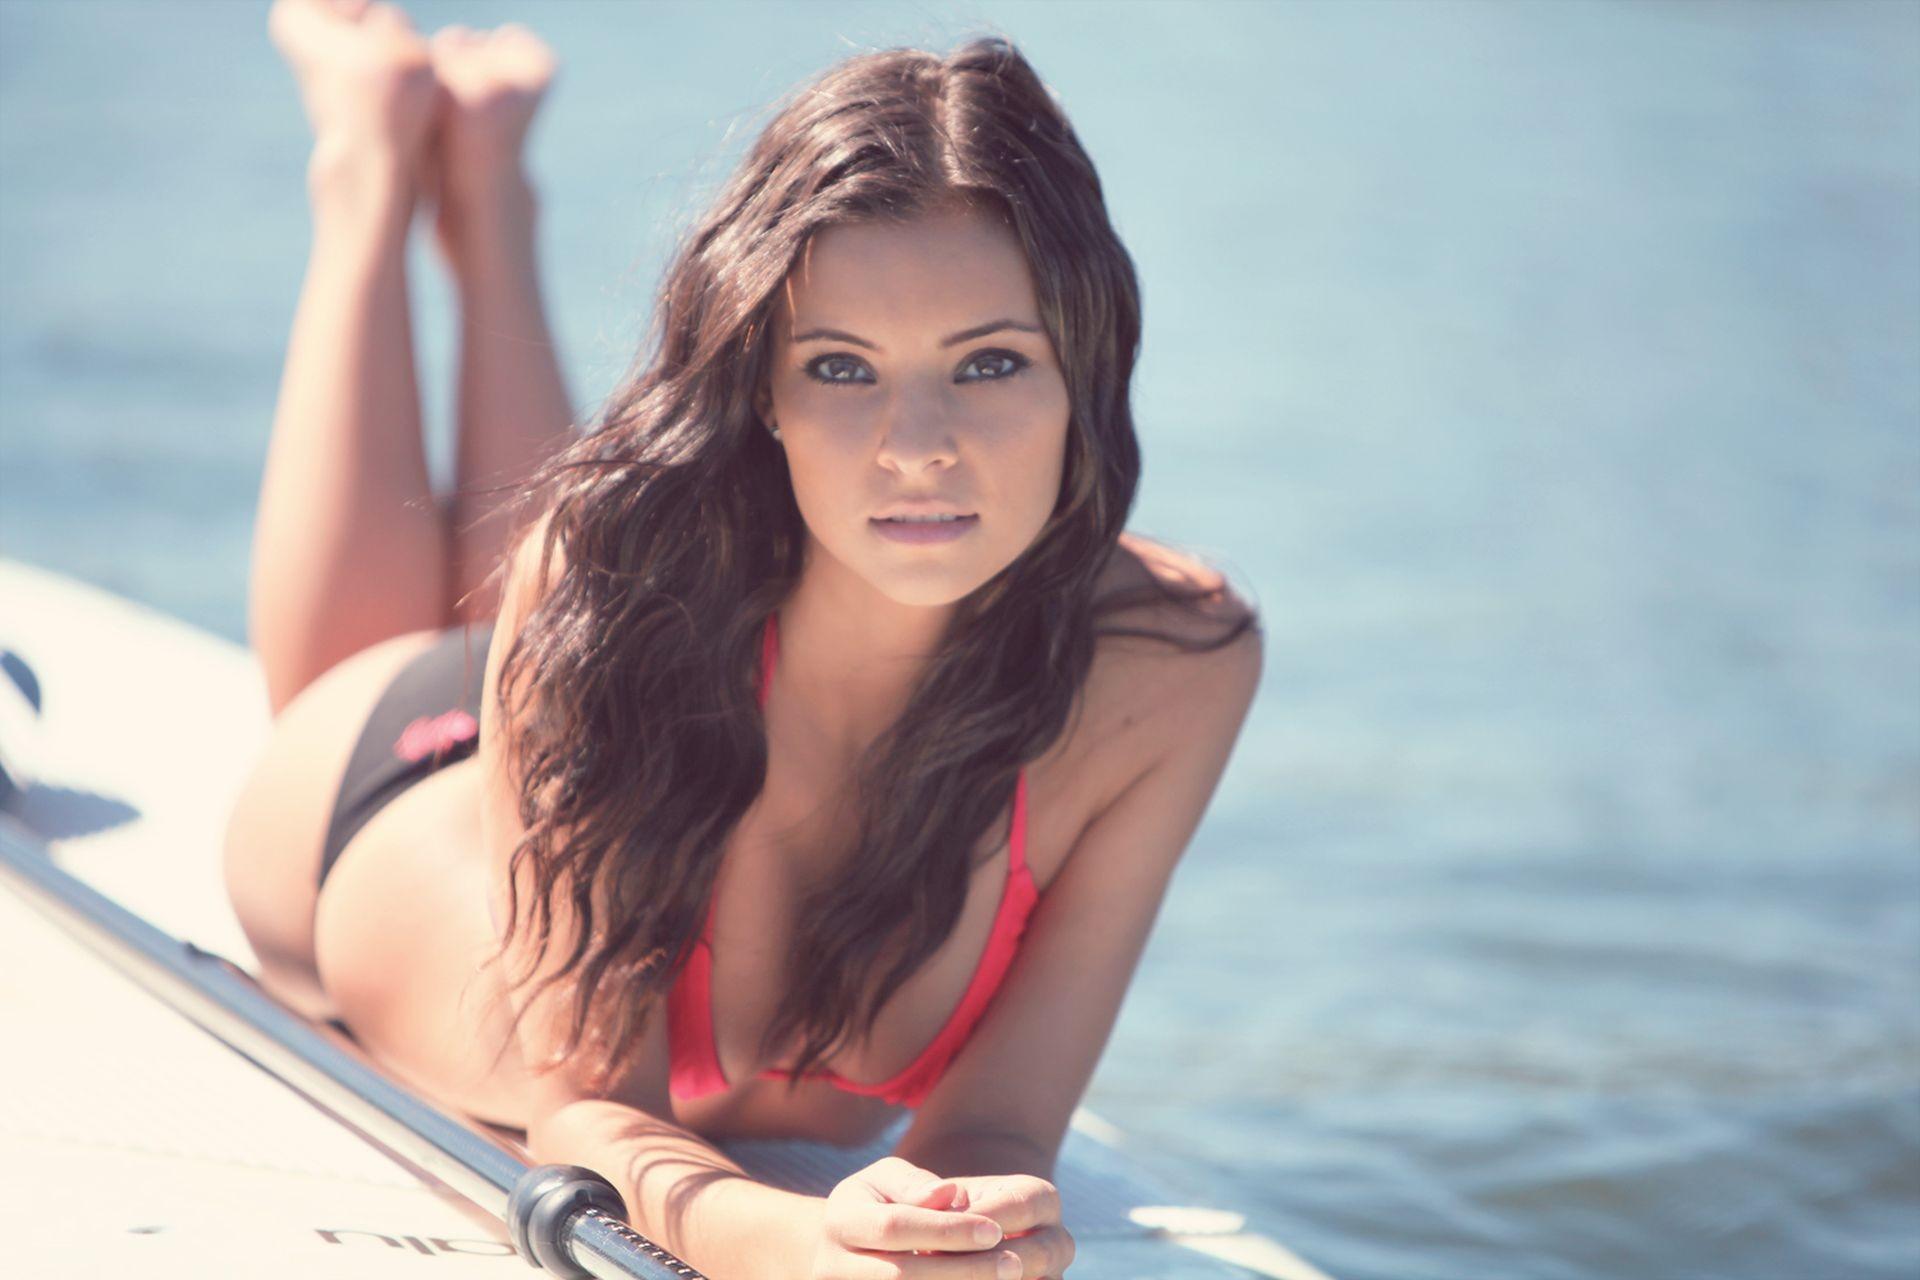 Яндекс голые девочки фото 21 фотография